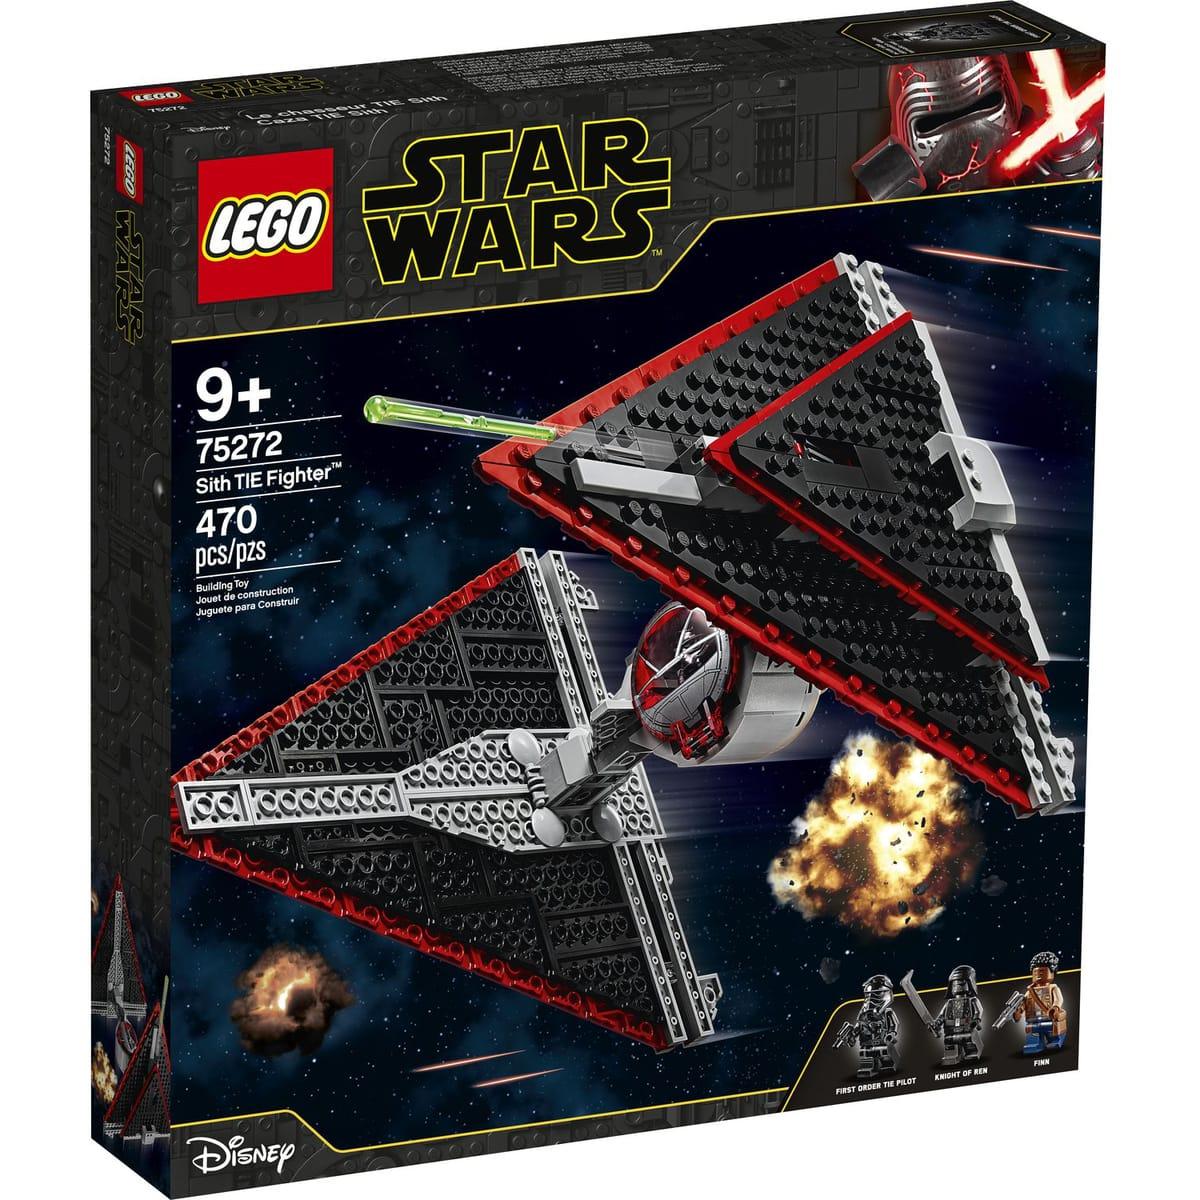 Sélection de jouets Lego en promotion - Ex: Le chasseur Tie Sith Lego Star Wars - 75272